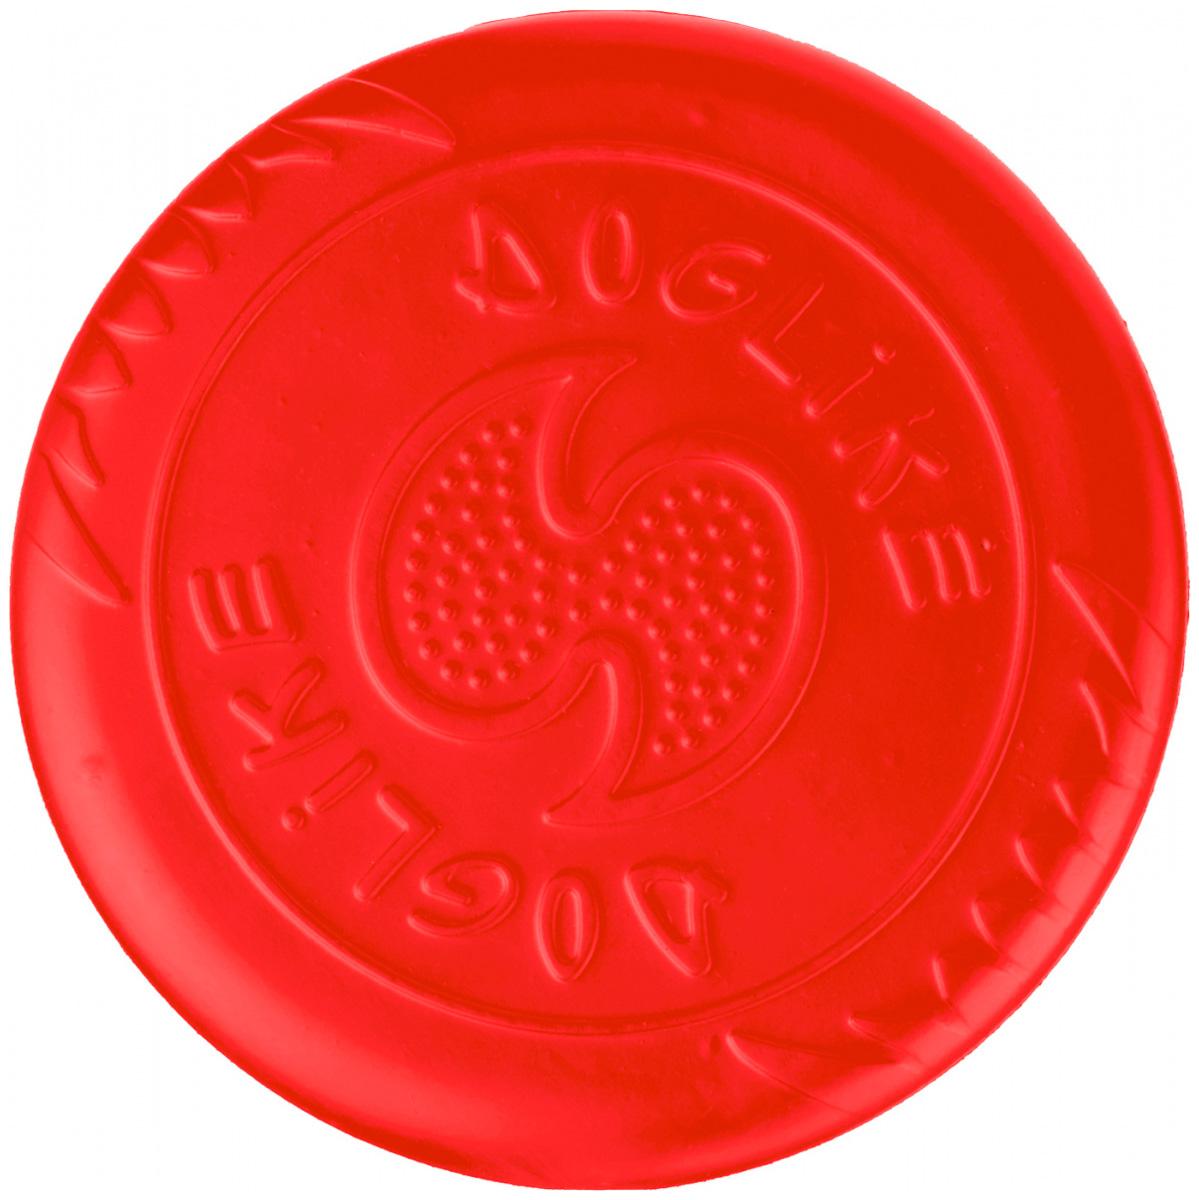 Летающая тарелка для собак большая Doglike коралловая (1 шт)